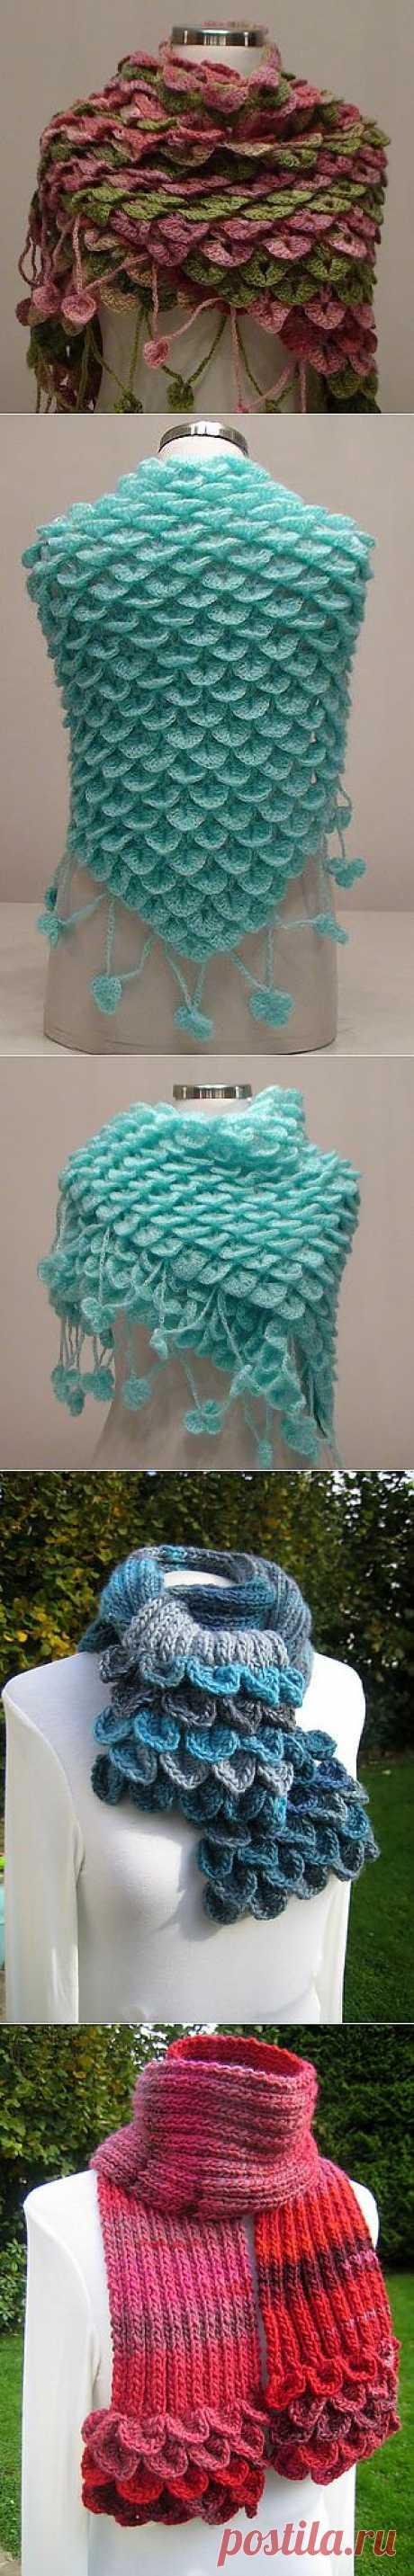 образец вязания - Самое интересное в блогах